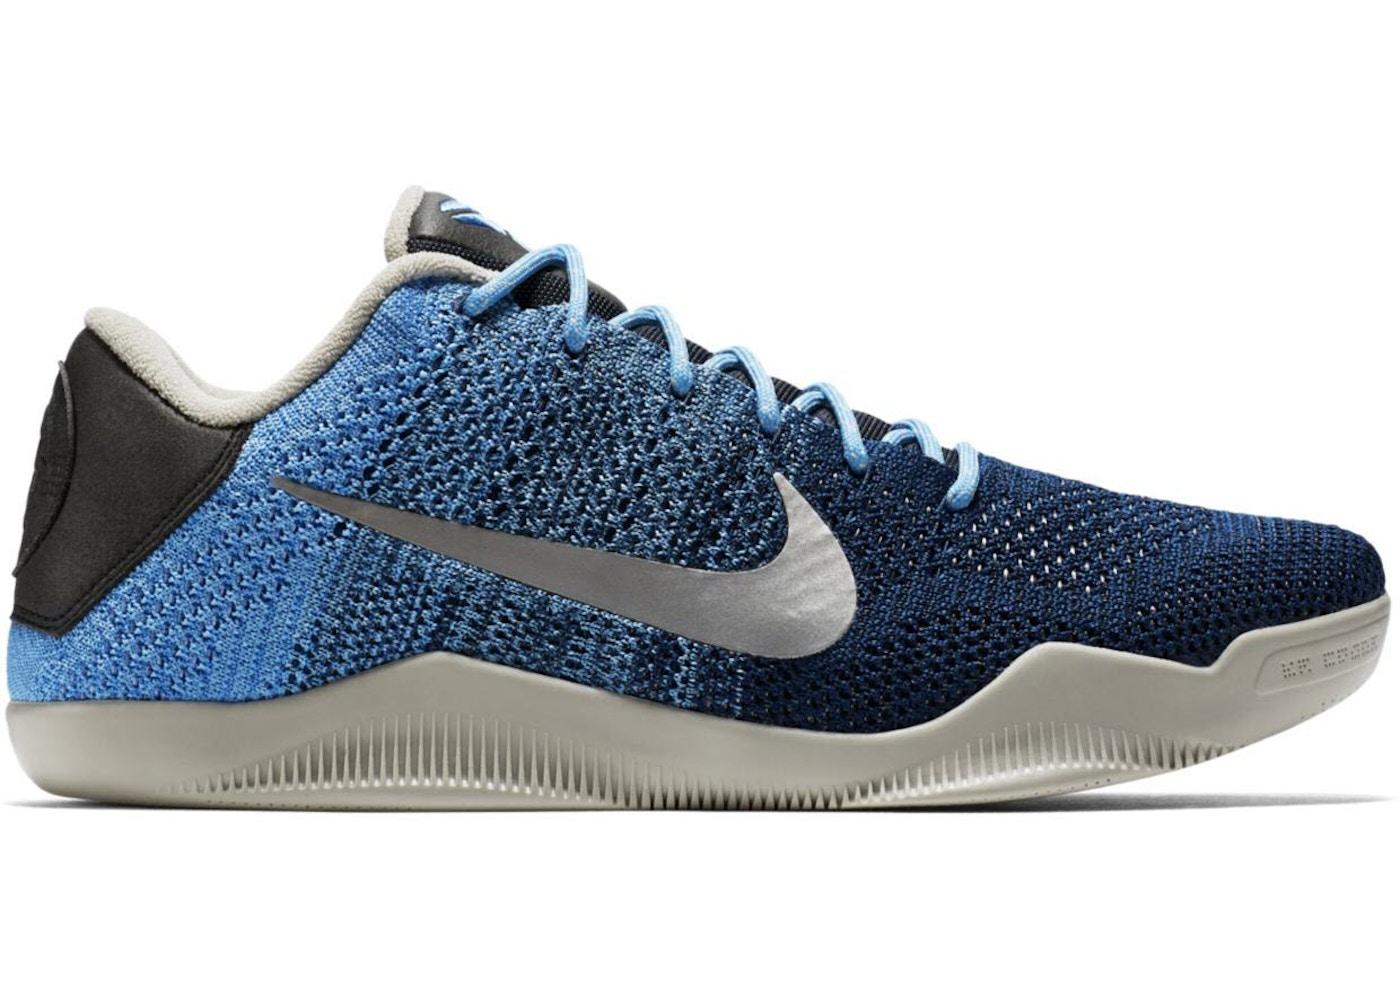 newest 49deb 8e821 Buy Nike Kobe Shoes   Deadstock Sneakers